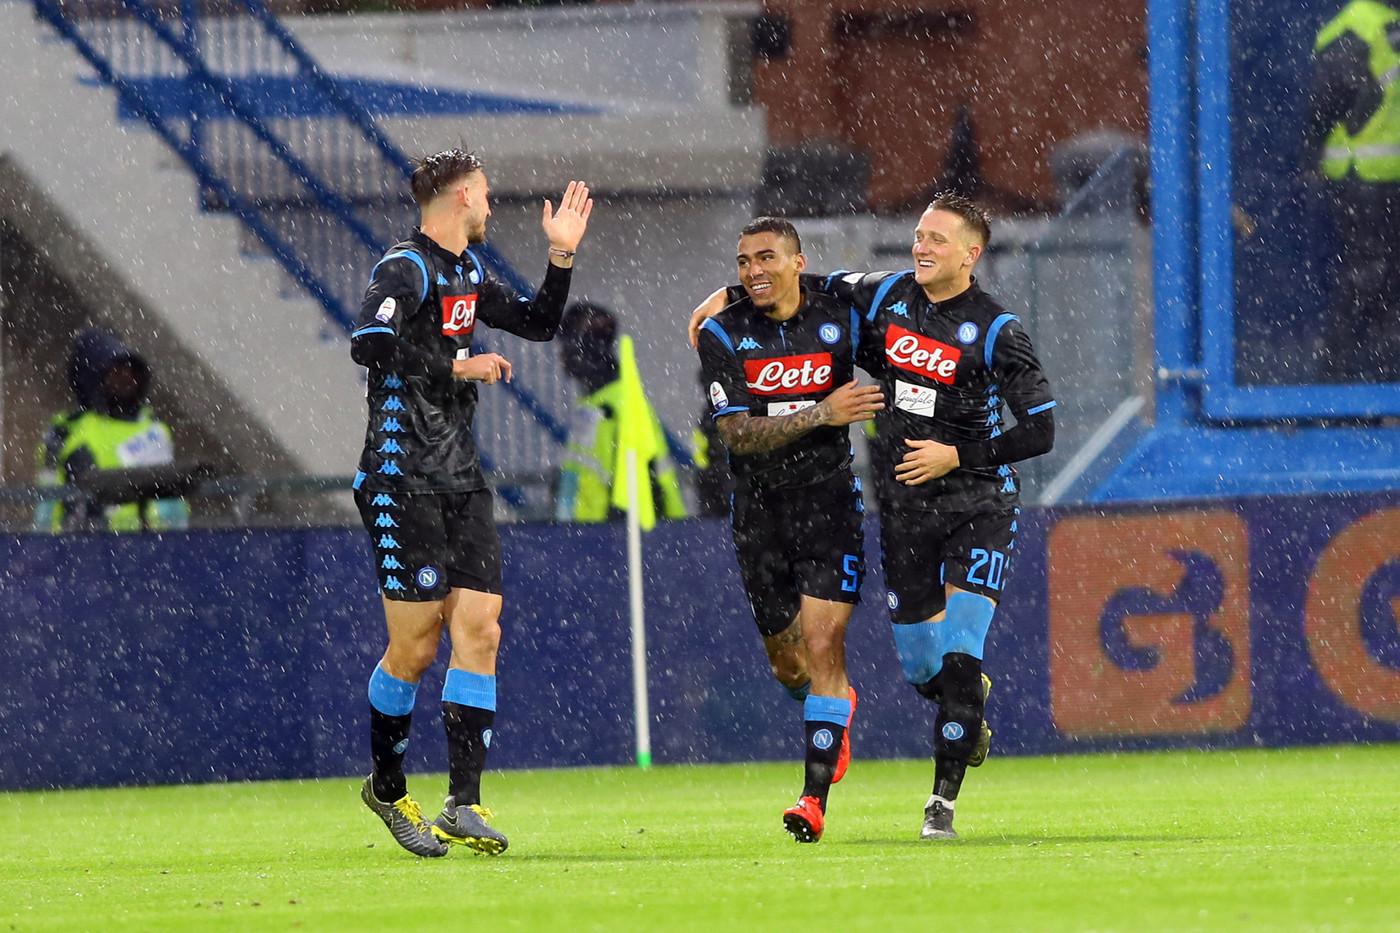 Serie A, Napoli supera Spal 2-1: Mario Rui decisivo nel finale